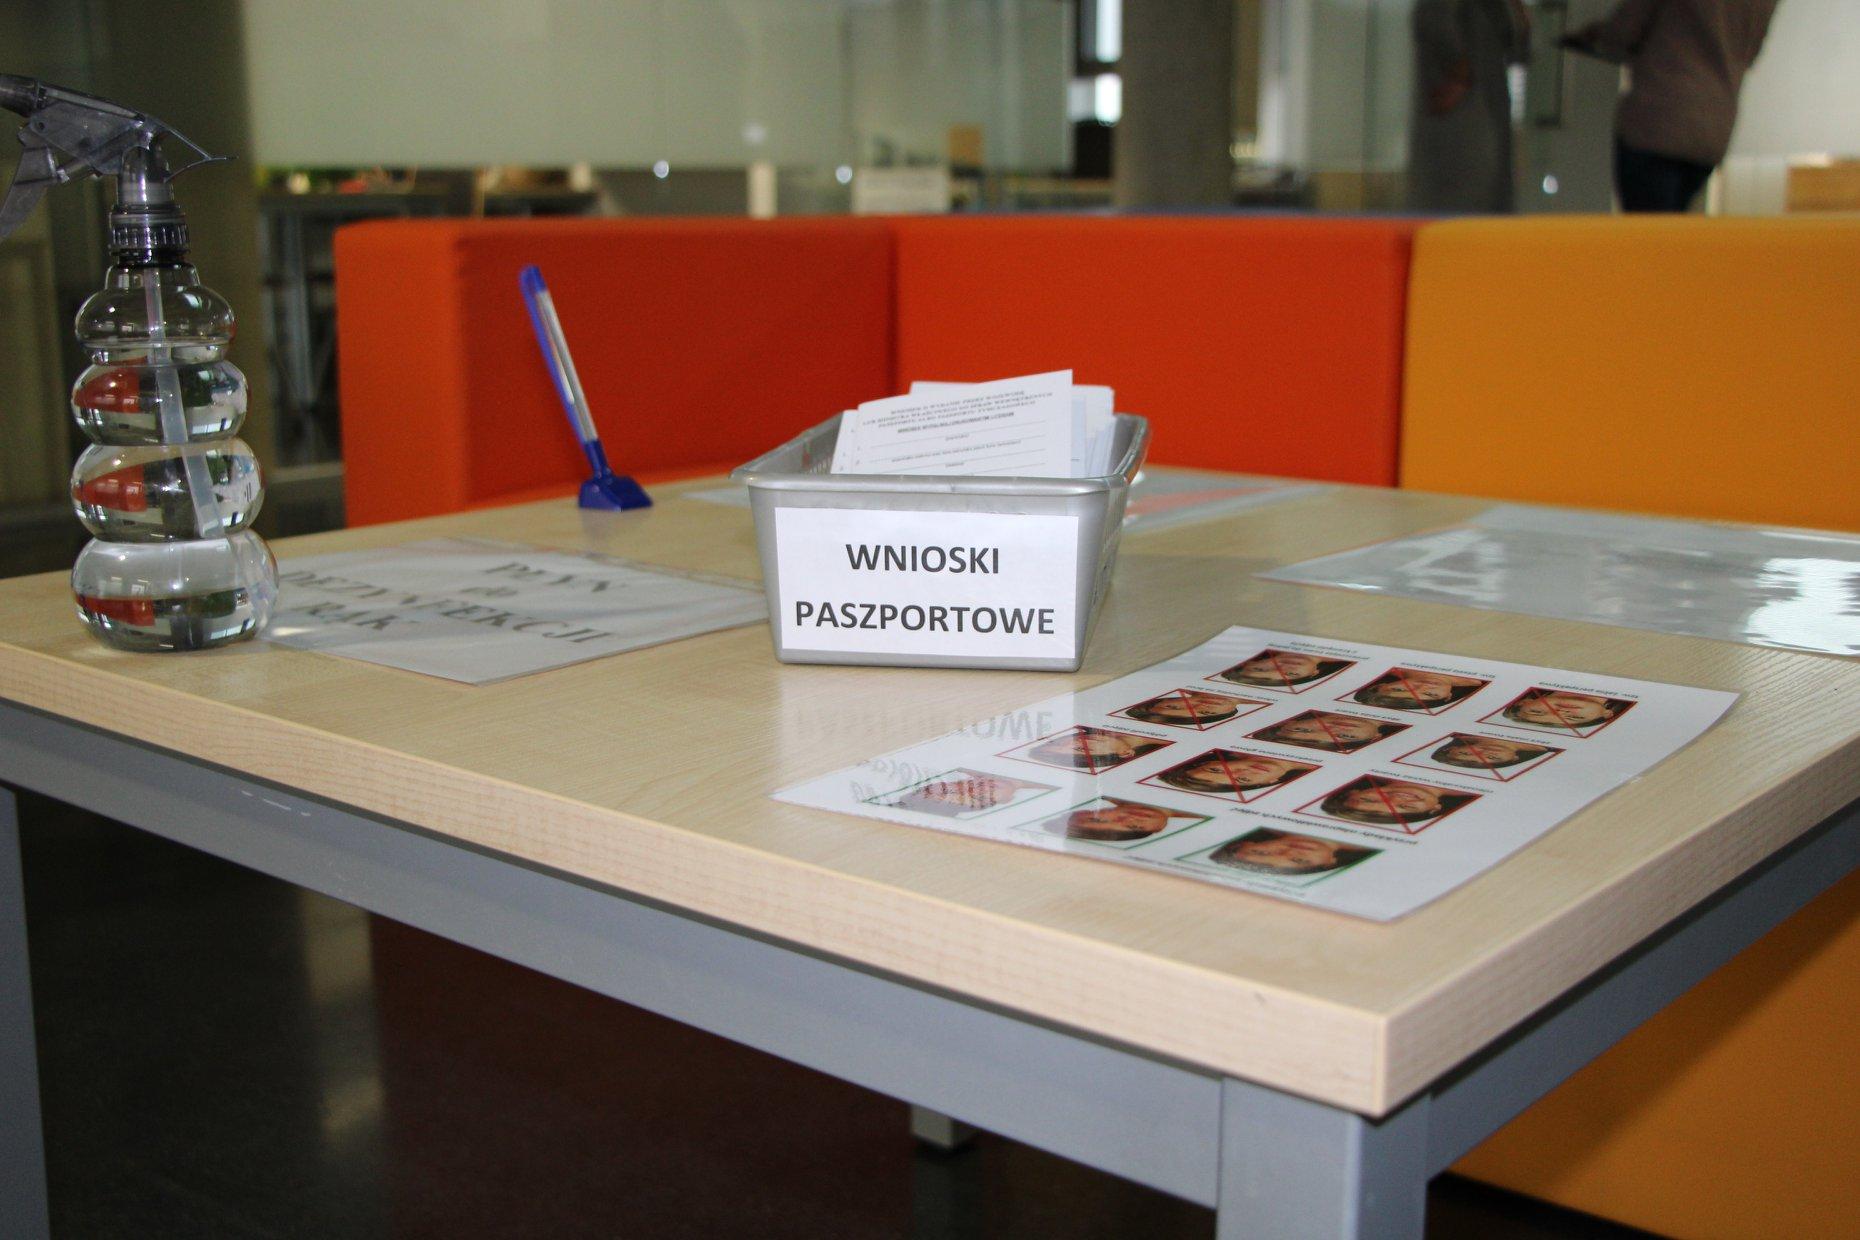 Paszport do odbioru w Polkowicach